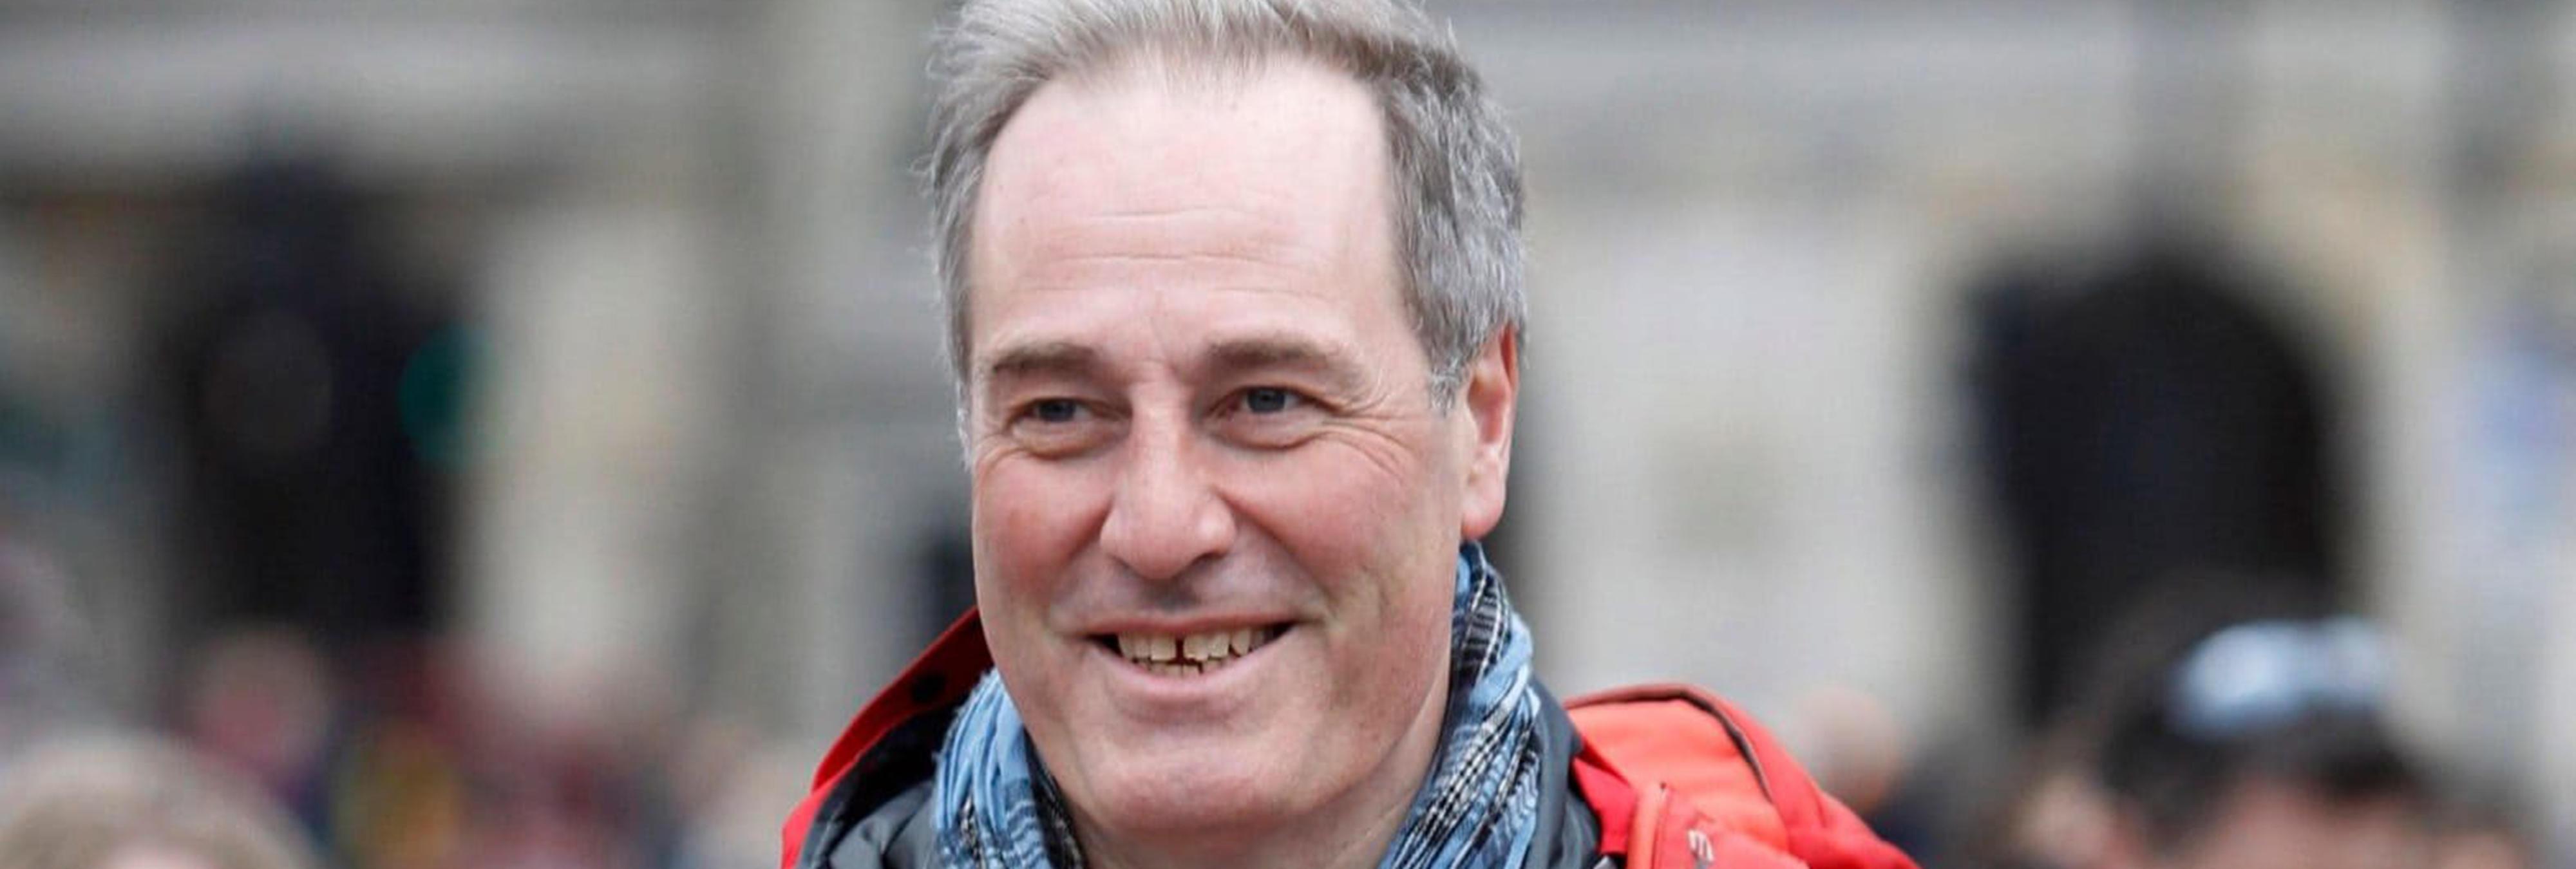 Dimite un ministro británico por llegar dos minutos tarde a una sesión parlamentaria